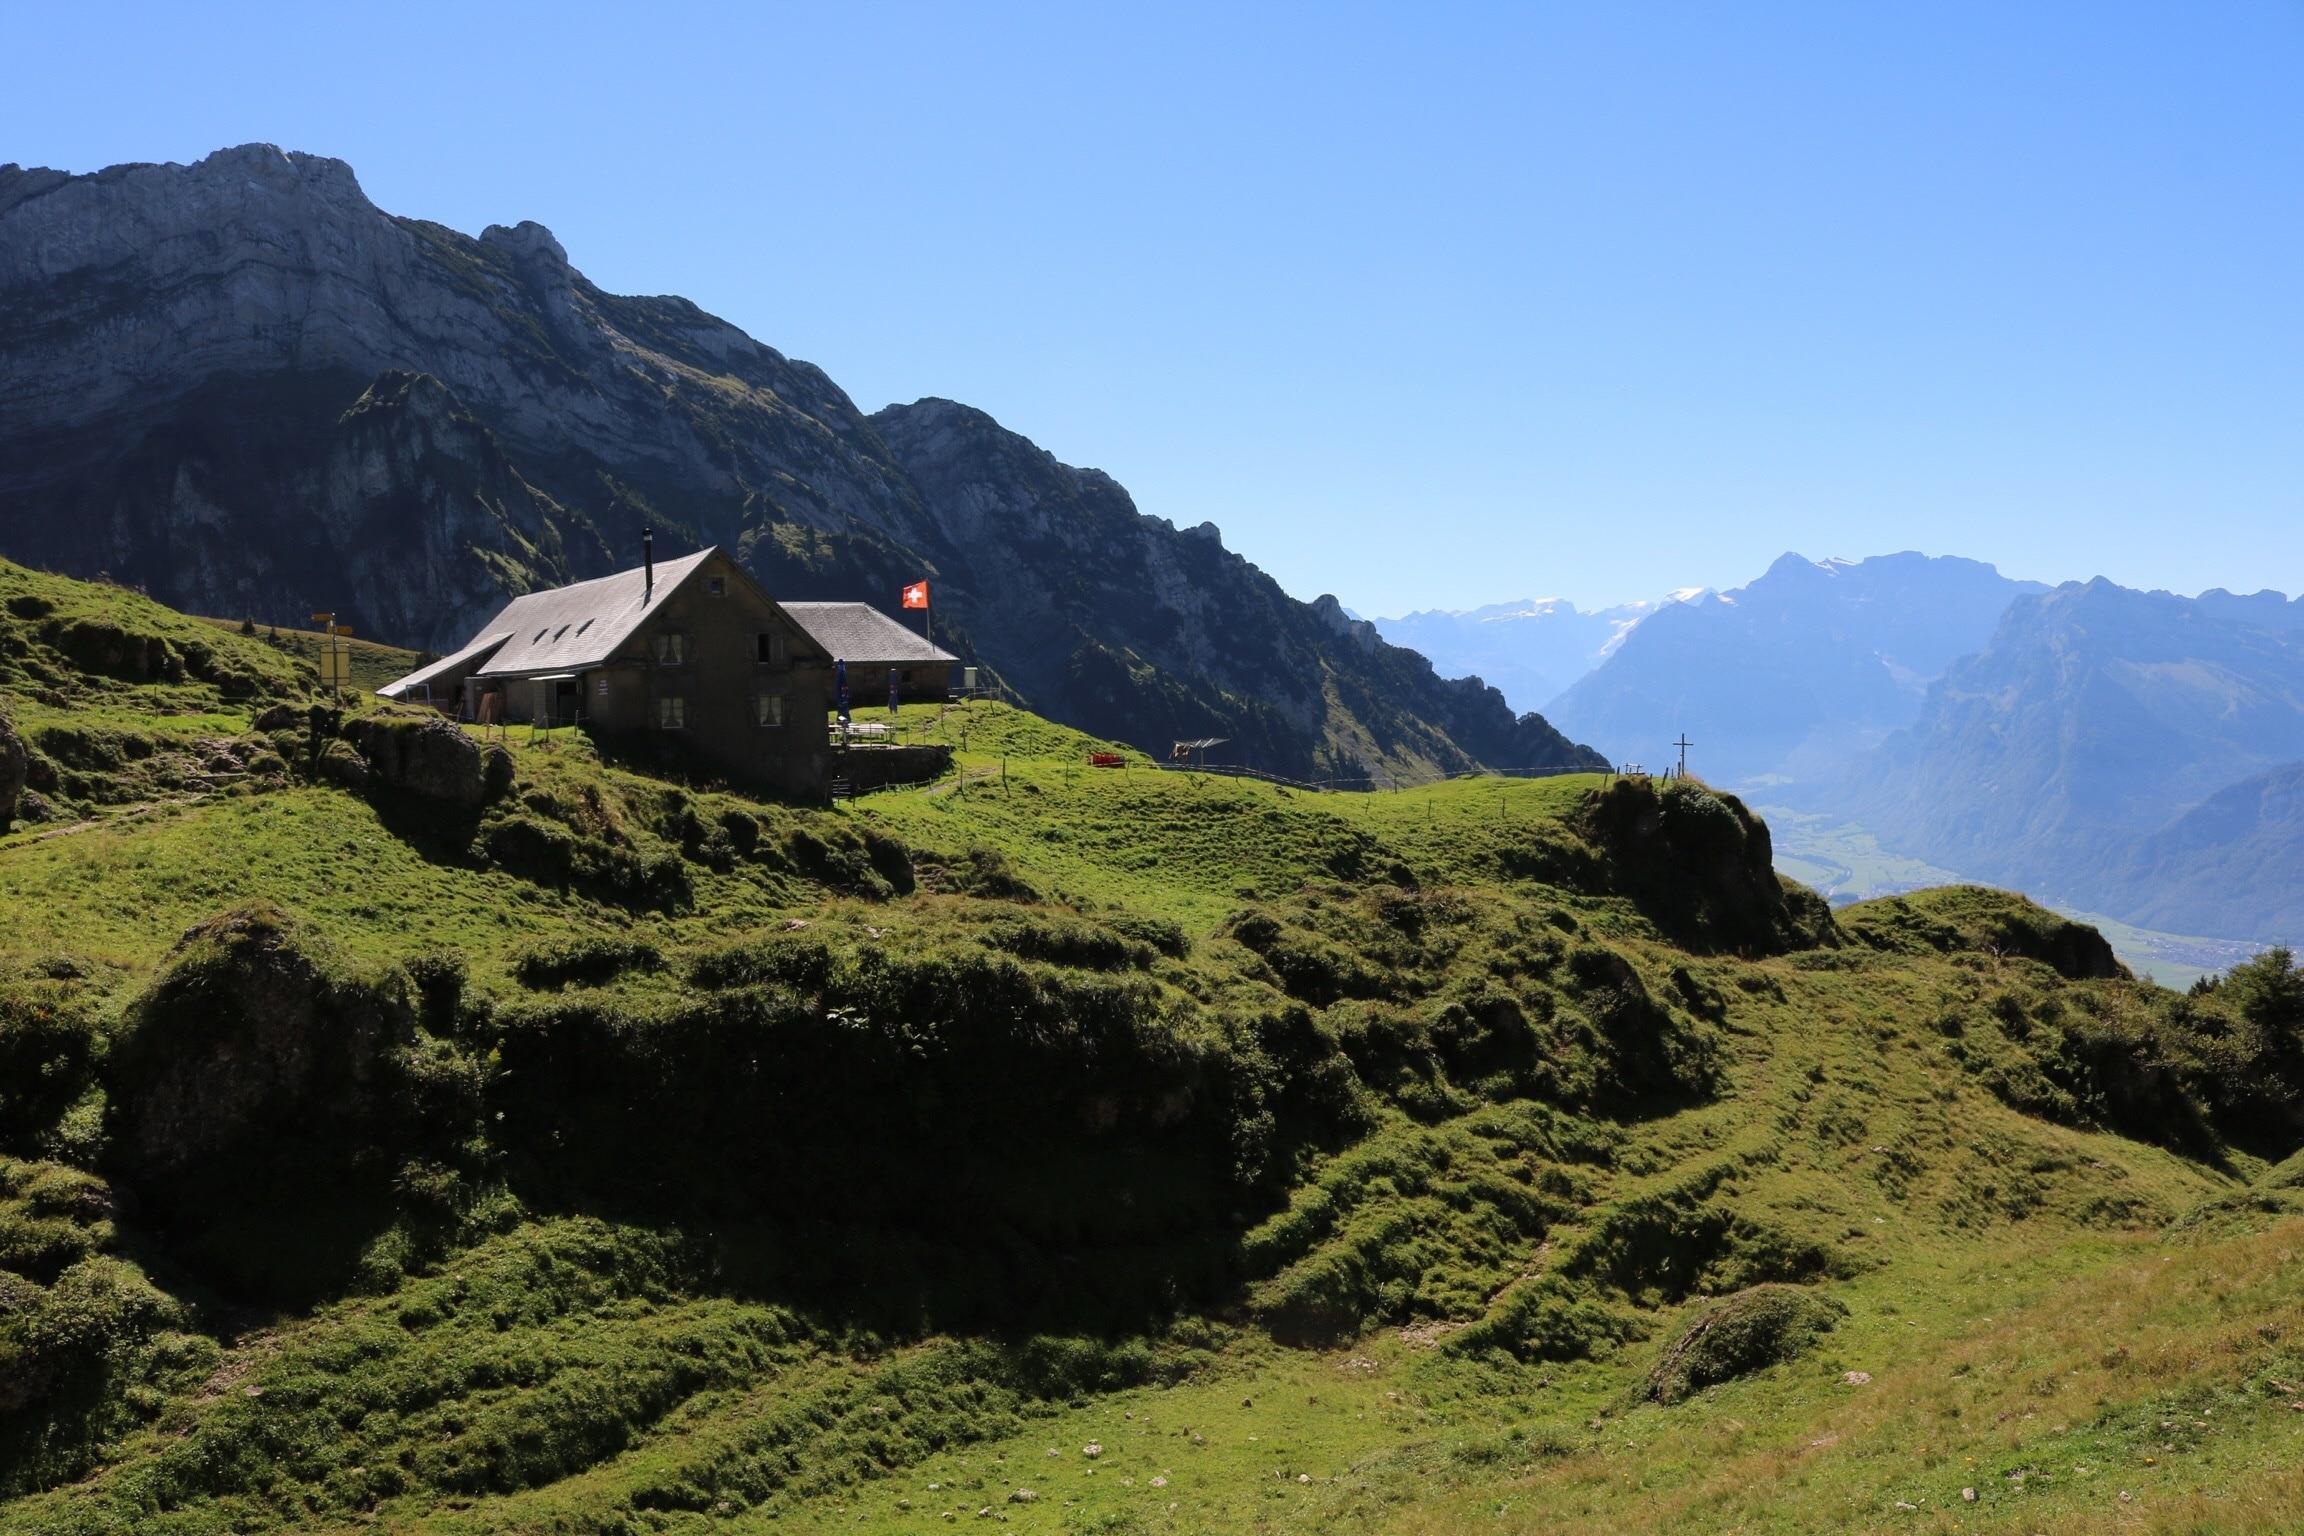 Amden, Canton of St. Gallen, Switzerland